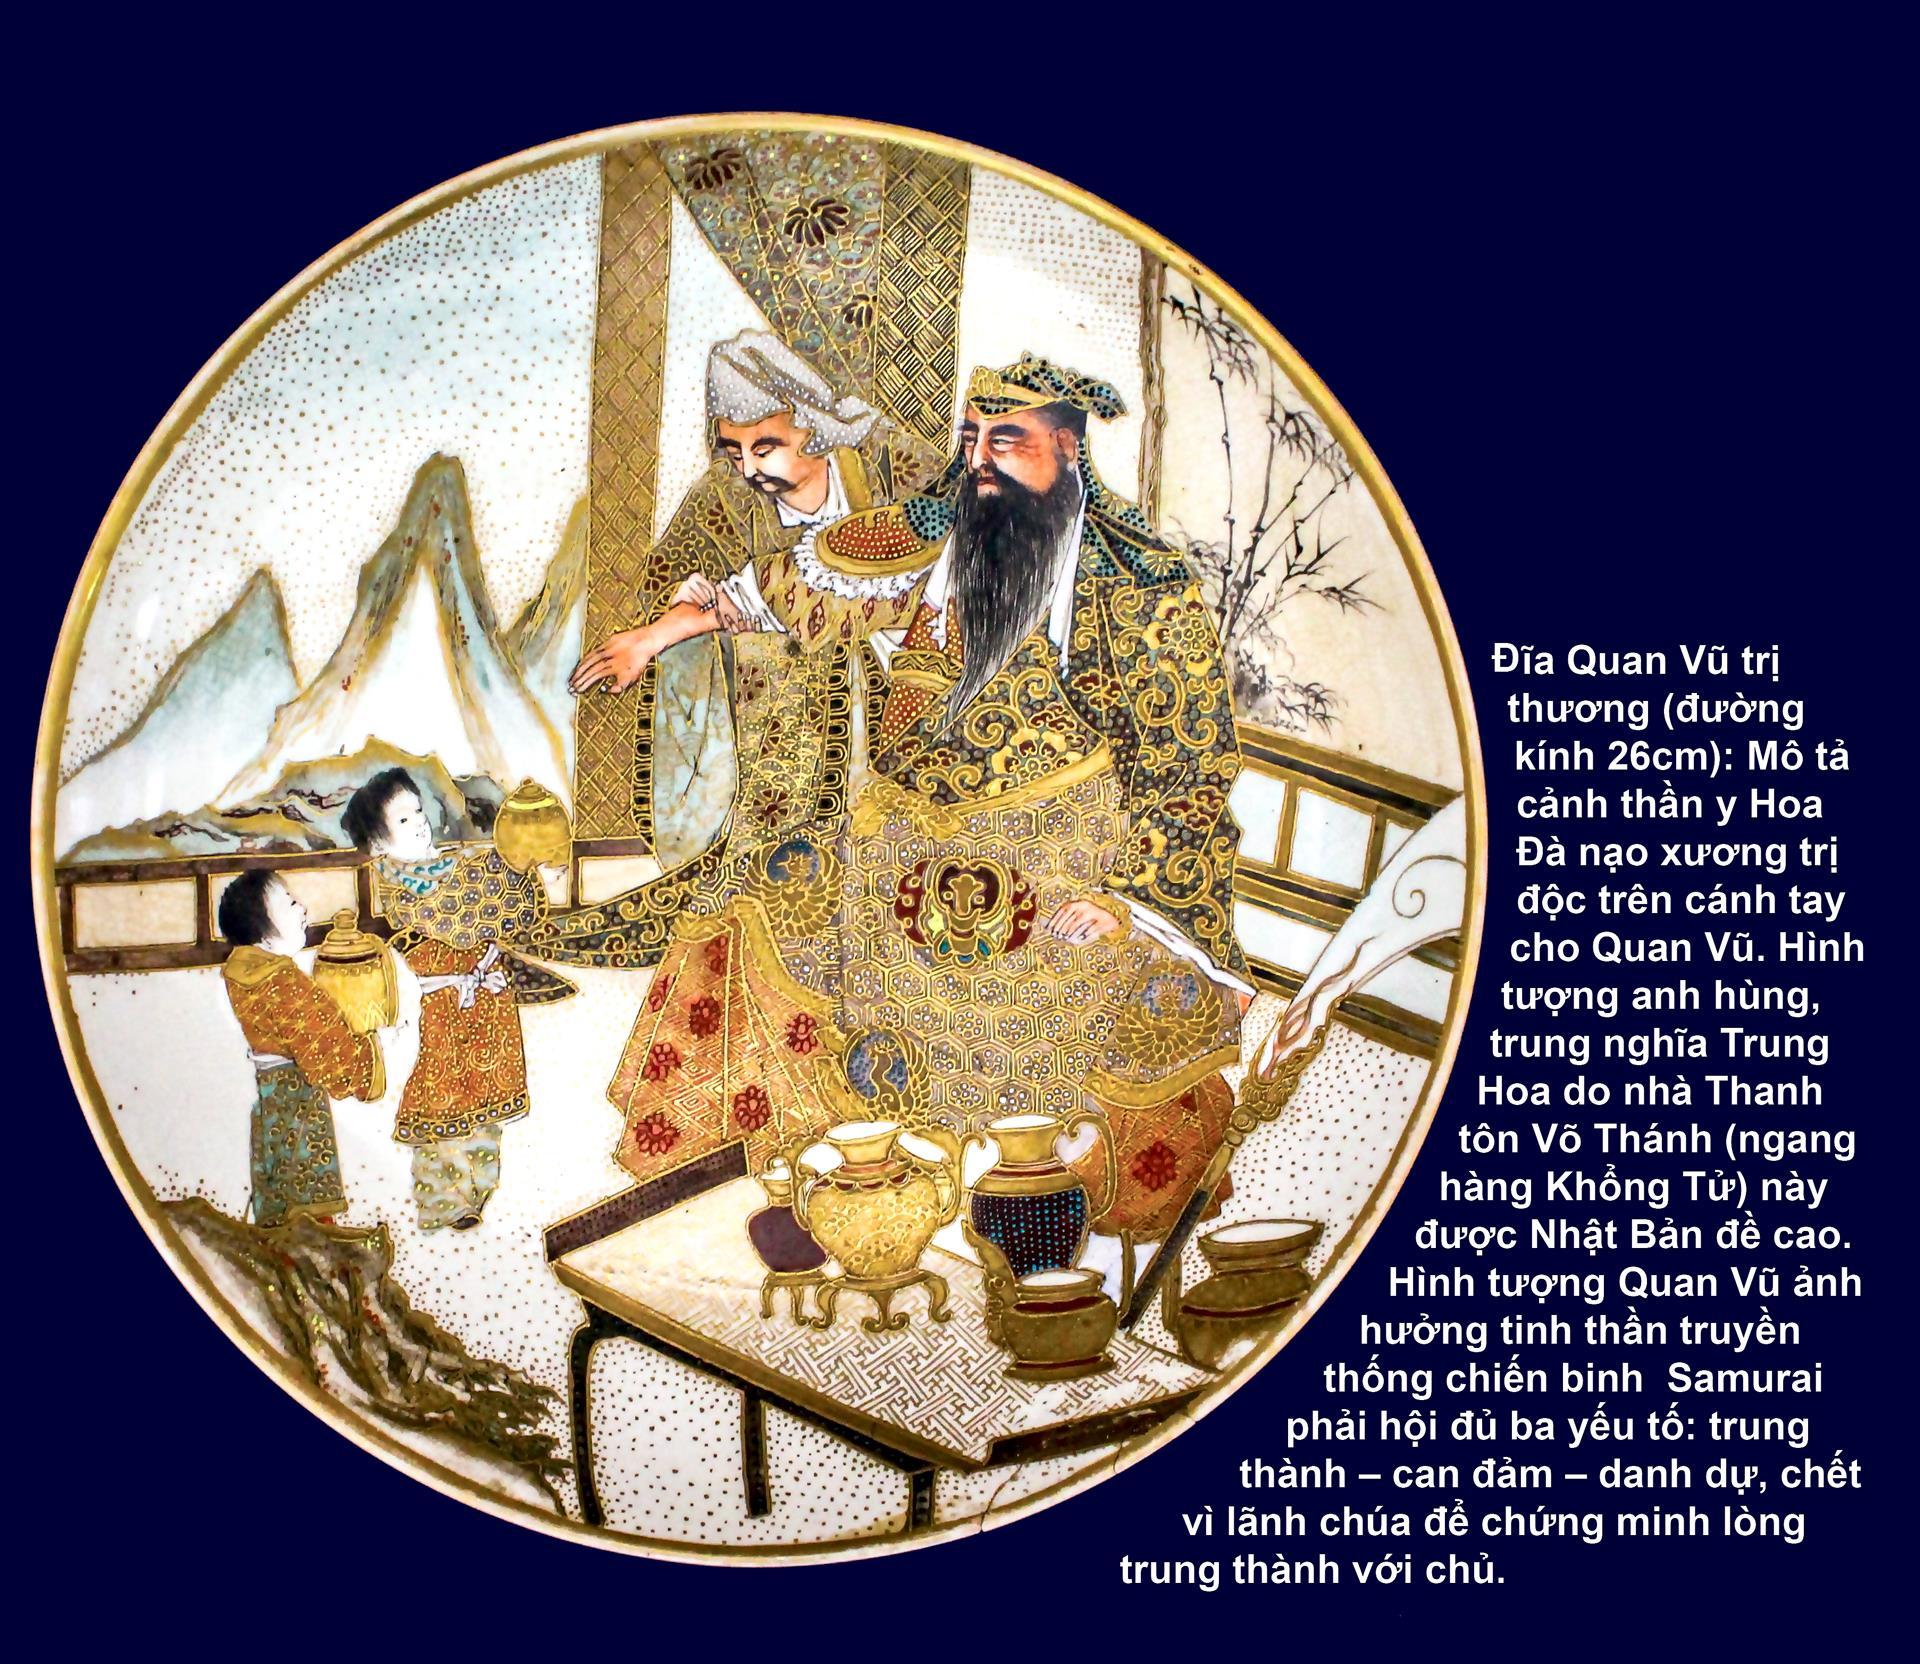 Khắc họa chân dung Thiên hoàng - Mạc phủ ảnh 3